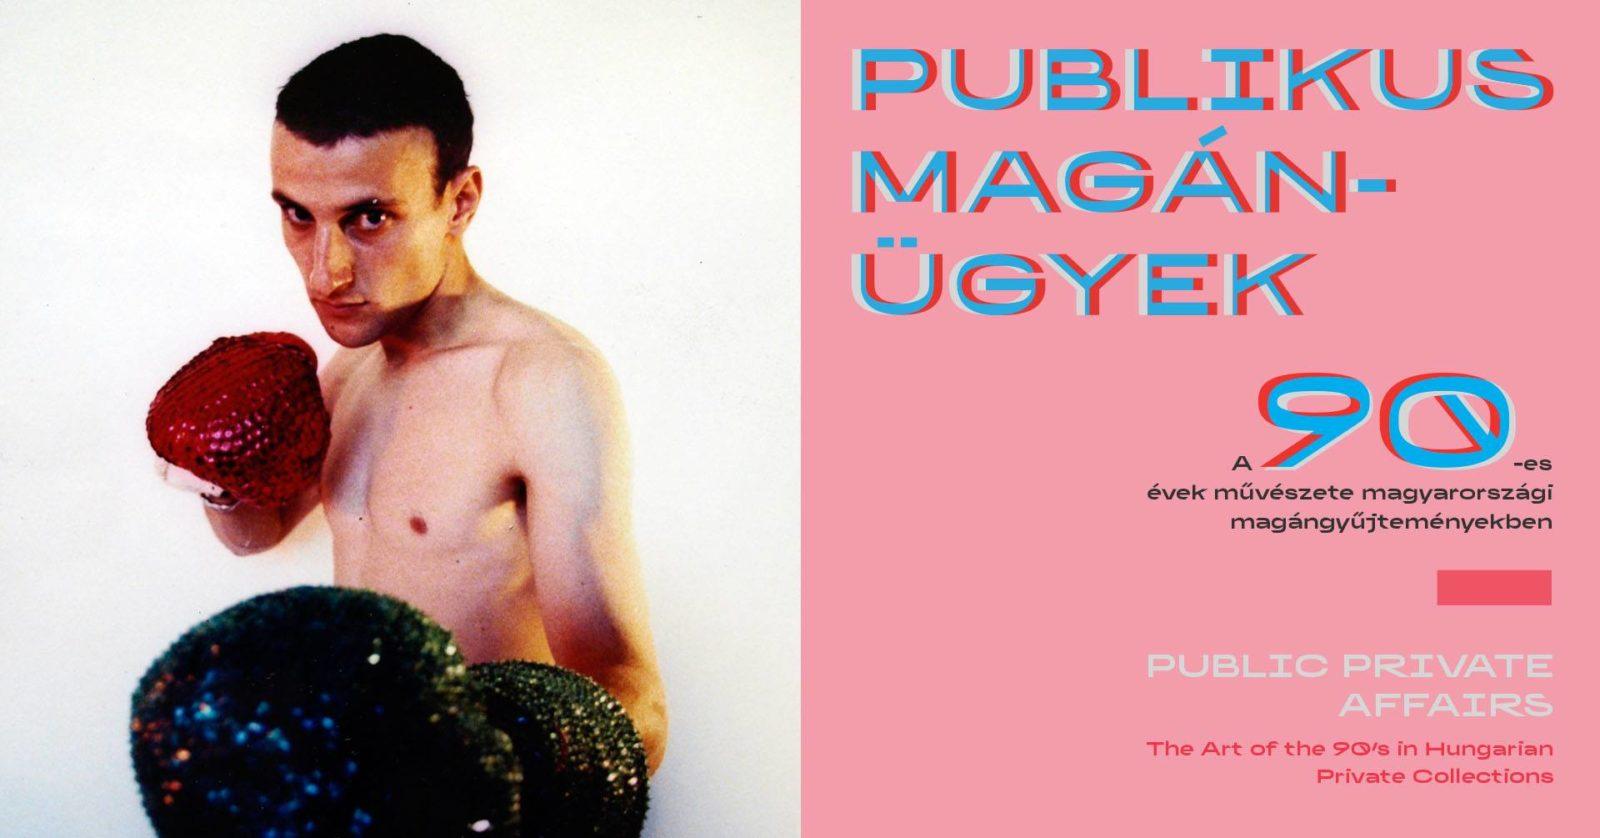 Publikus magánügyek